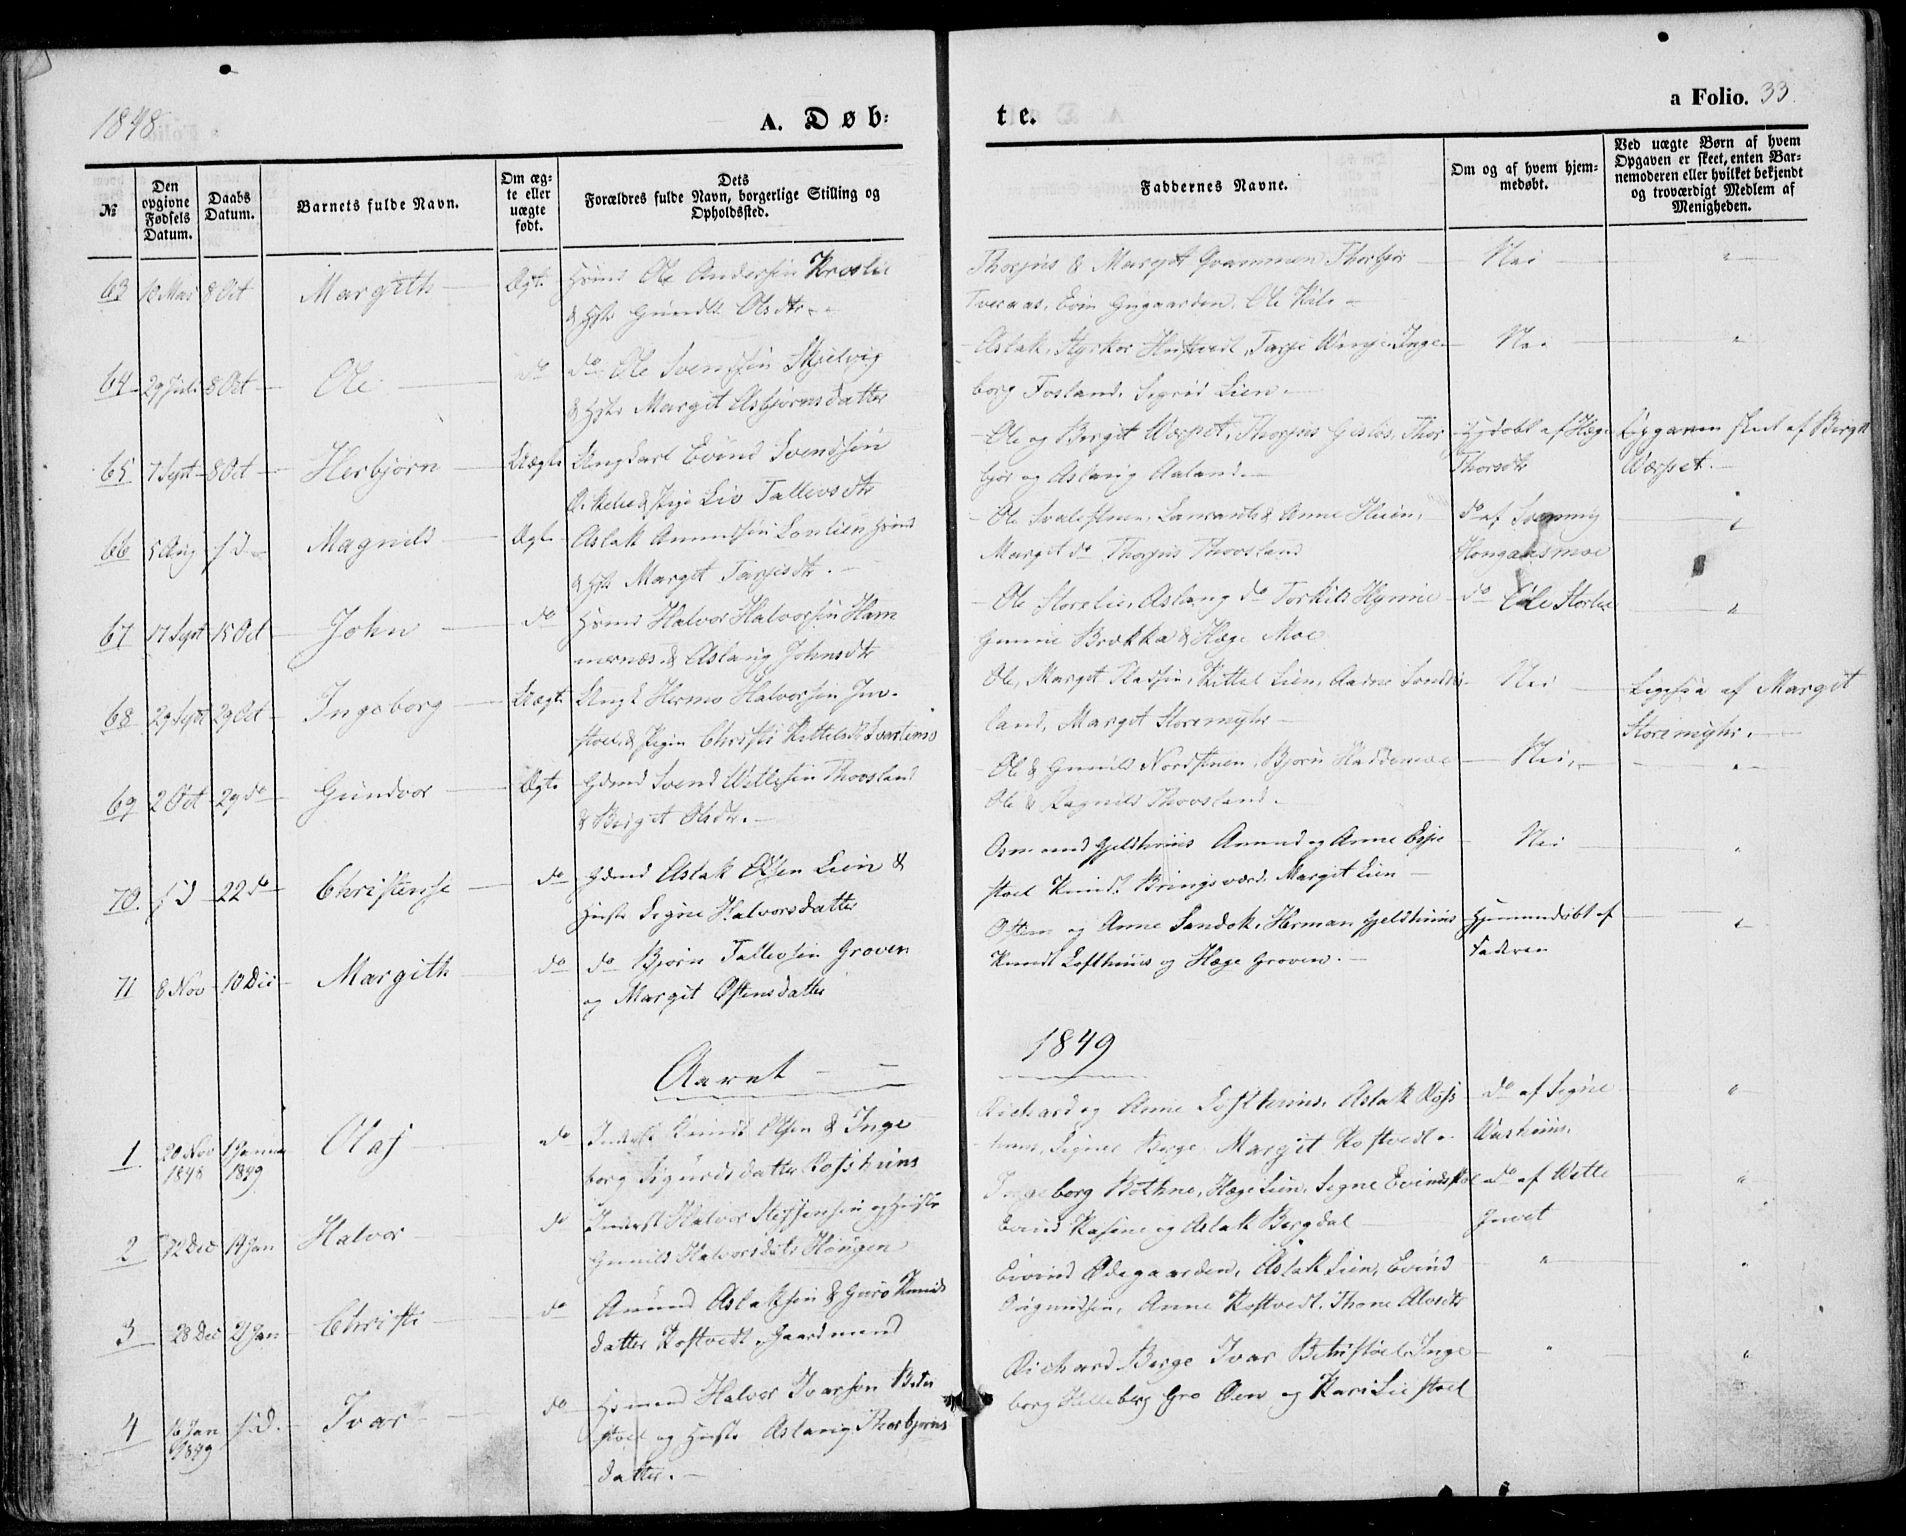 SAKO, Vinje kirkebøker, F/Fa/L0004: Ministerialbok nr. I 4, 1843-1869, s. 33